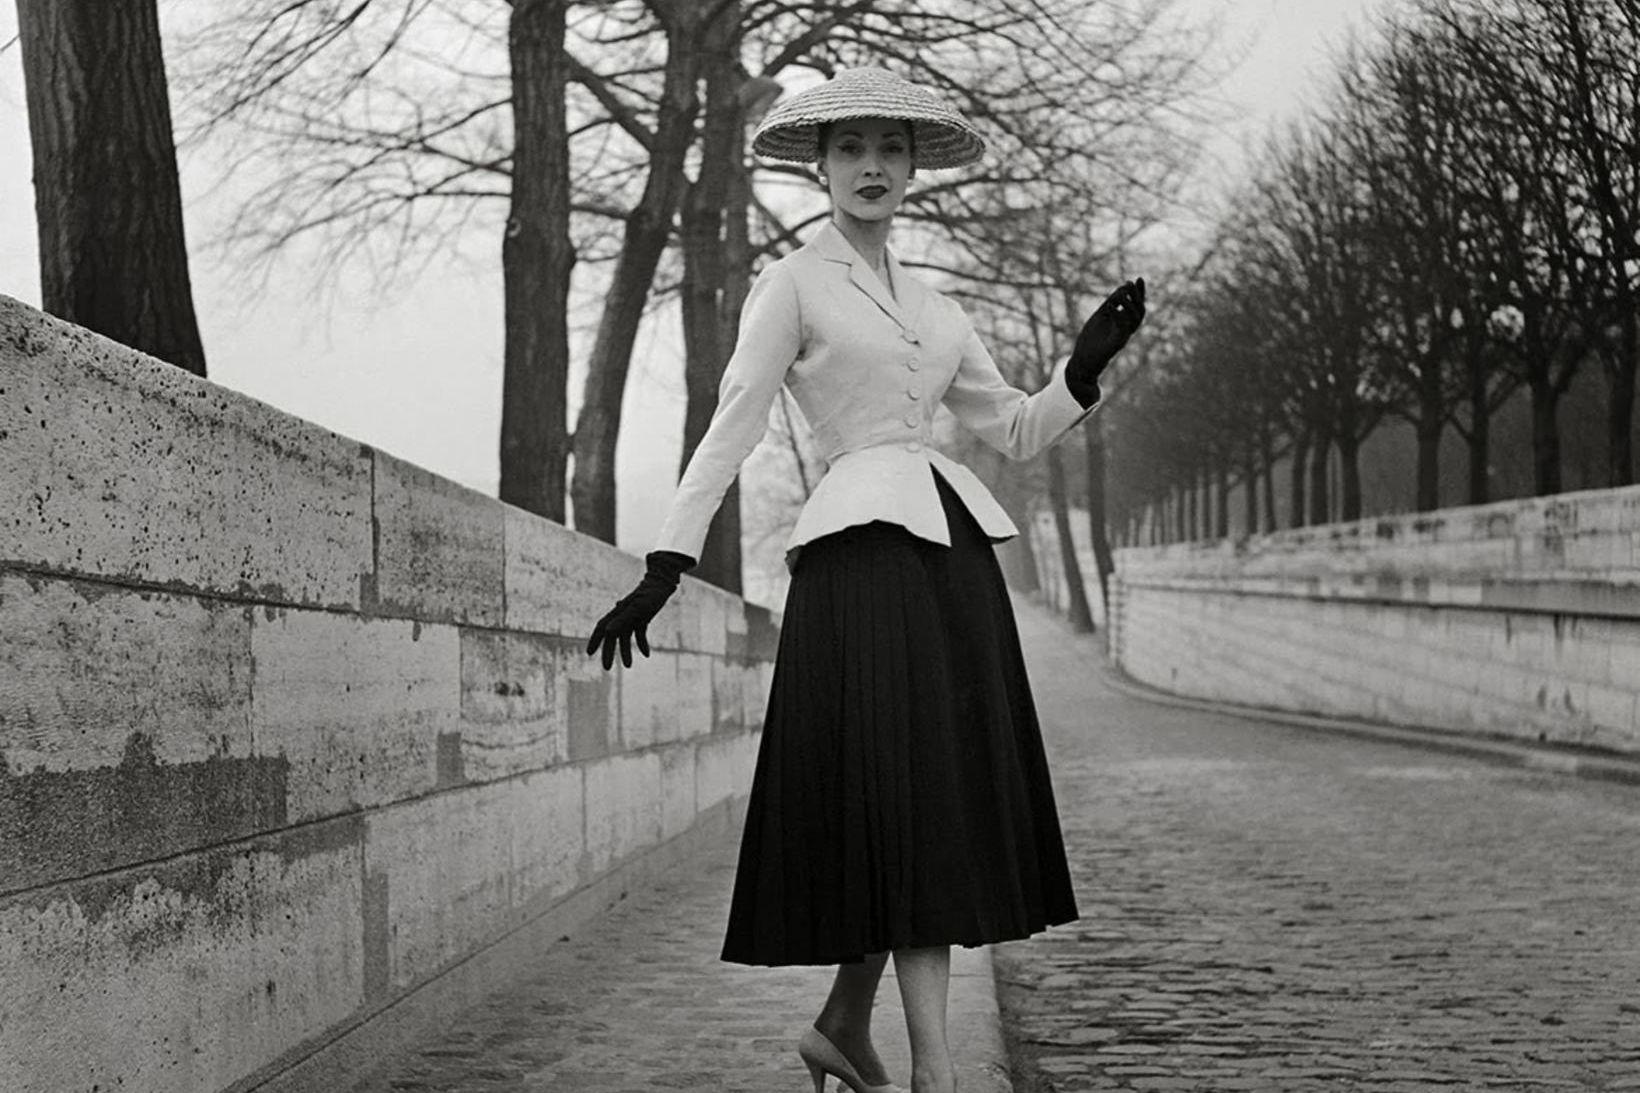 Fyrsta tískusýning Christian Dior einkenndist af kjólum og jökkum sem …